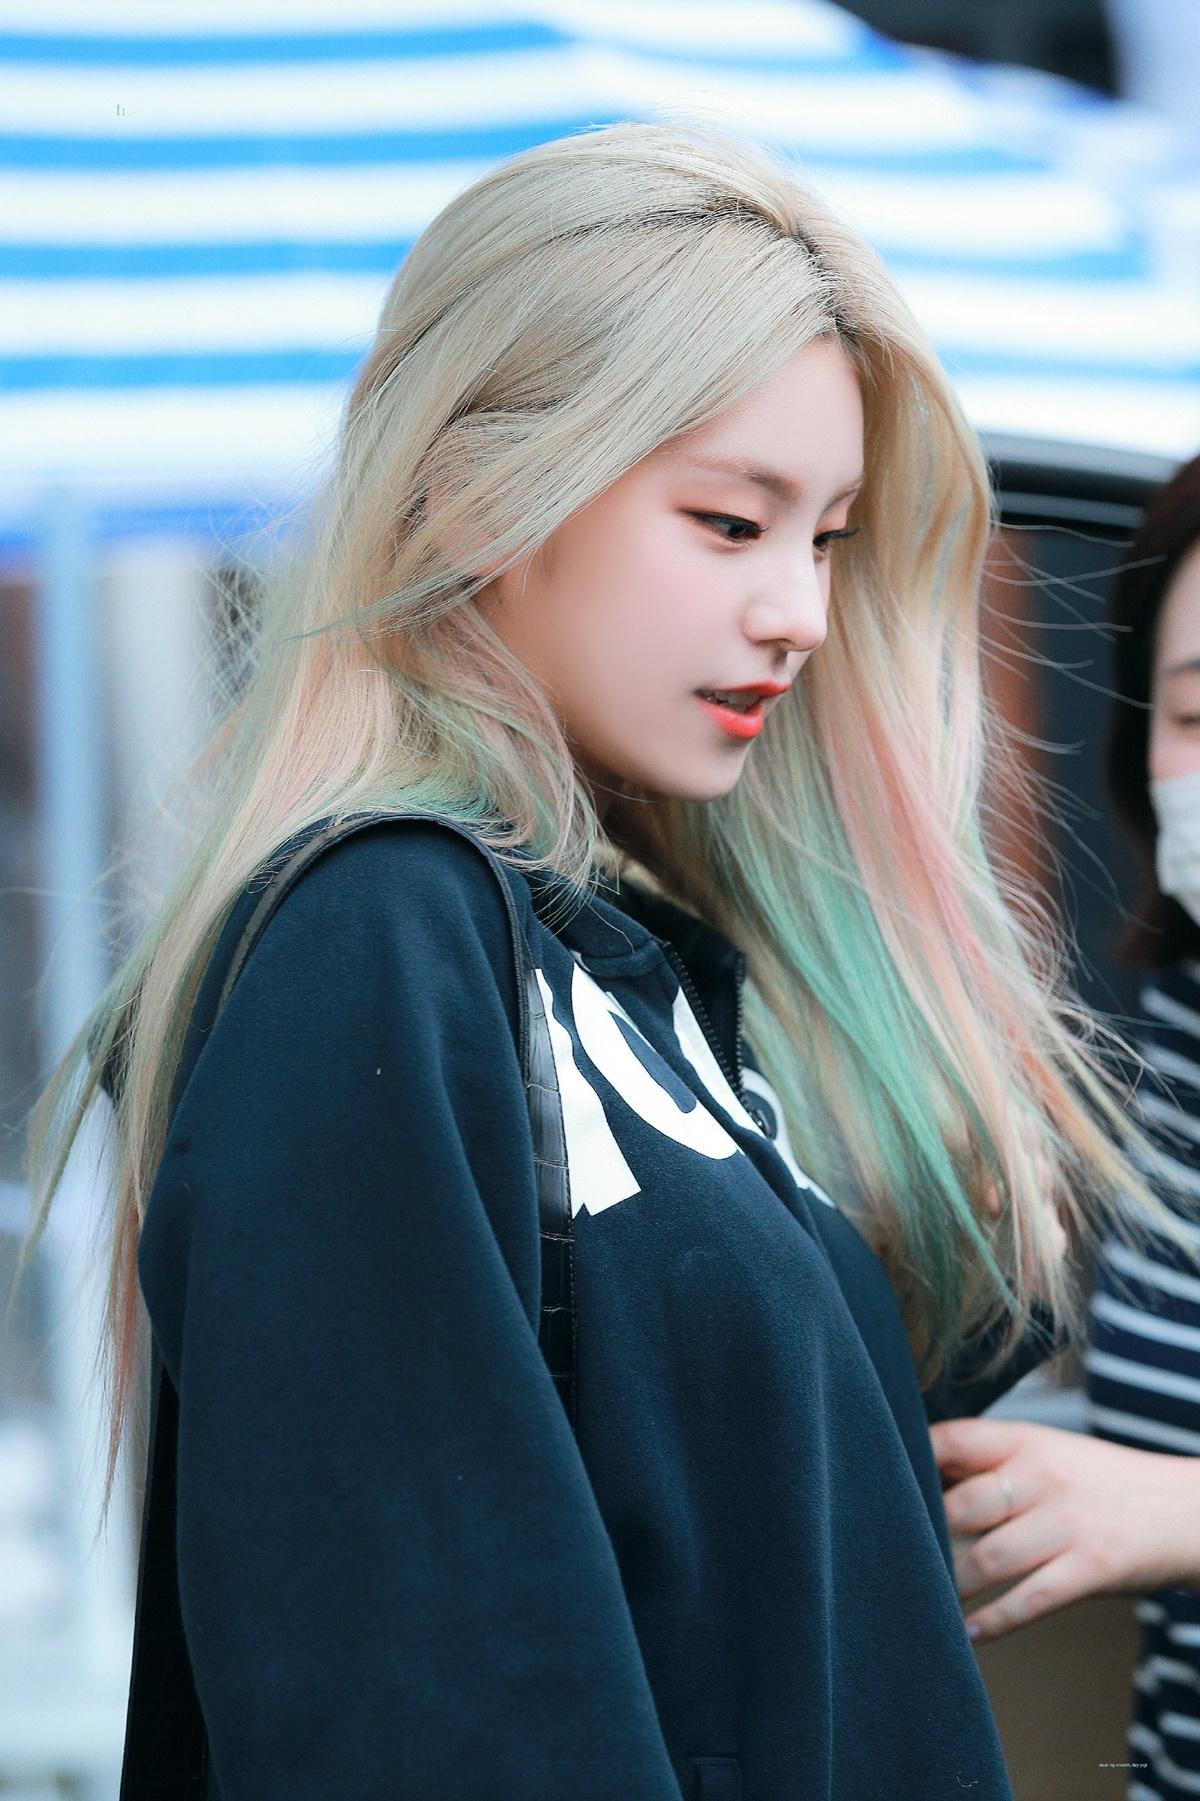 Yeji chơi lớn với kiểu tóc gẩy higlight 7 sắc cầu vòng phực tạp. Màu tóc của cô nàng được khen nức nở là độc lạ, huyền ảo giống như một nhân vật truyện tranh.